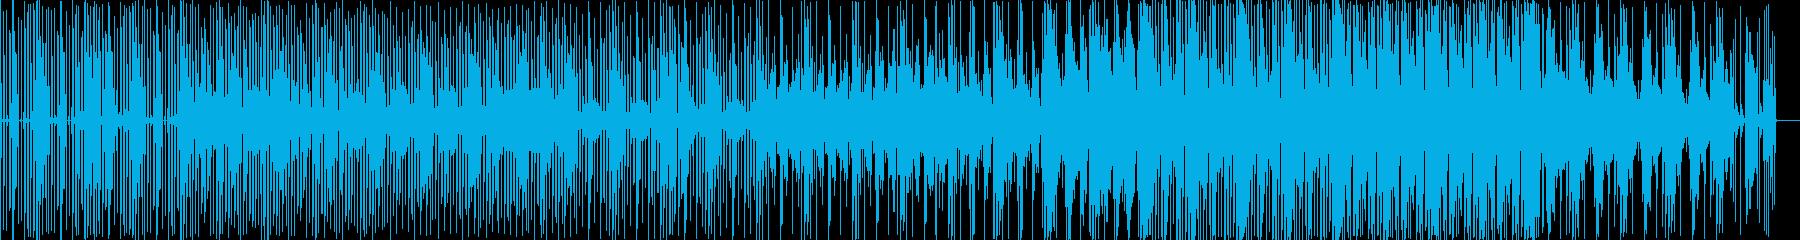 法人 技術的な ハイテク バックグ...の再生済みの波形